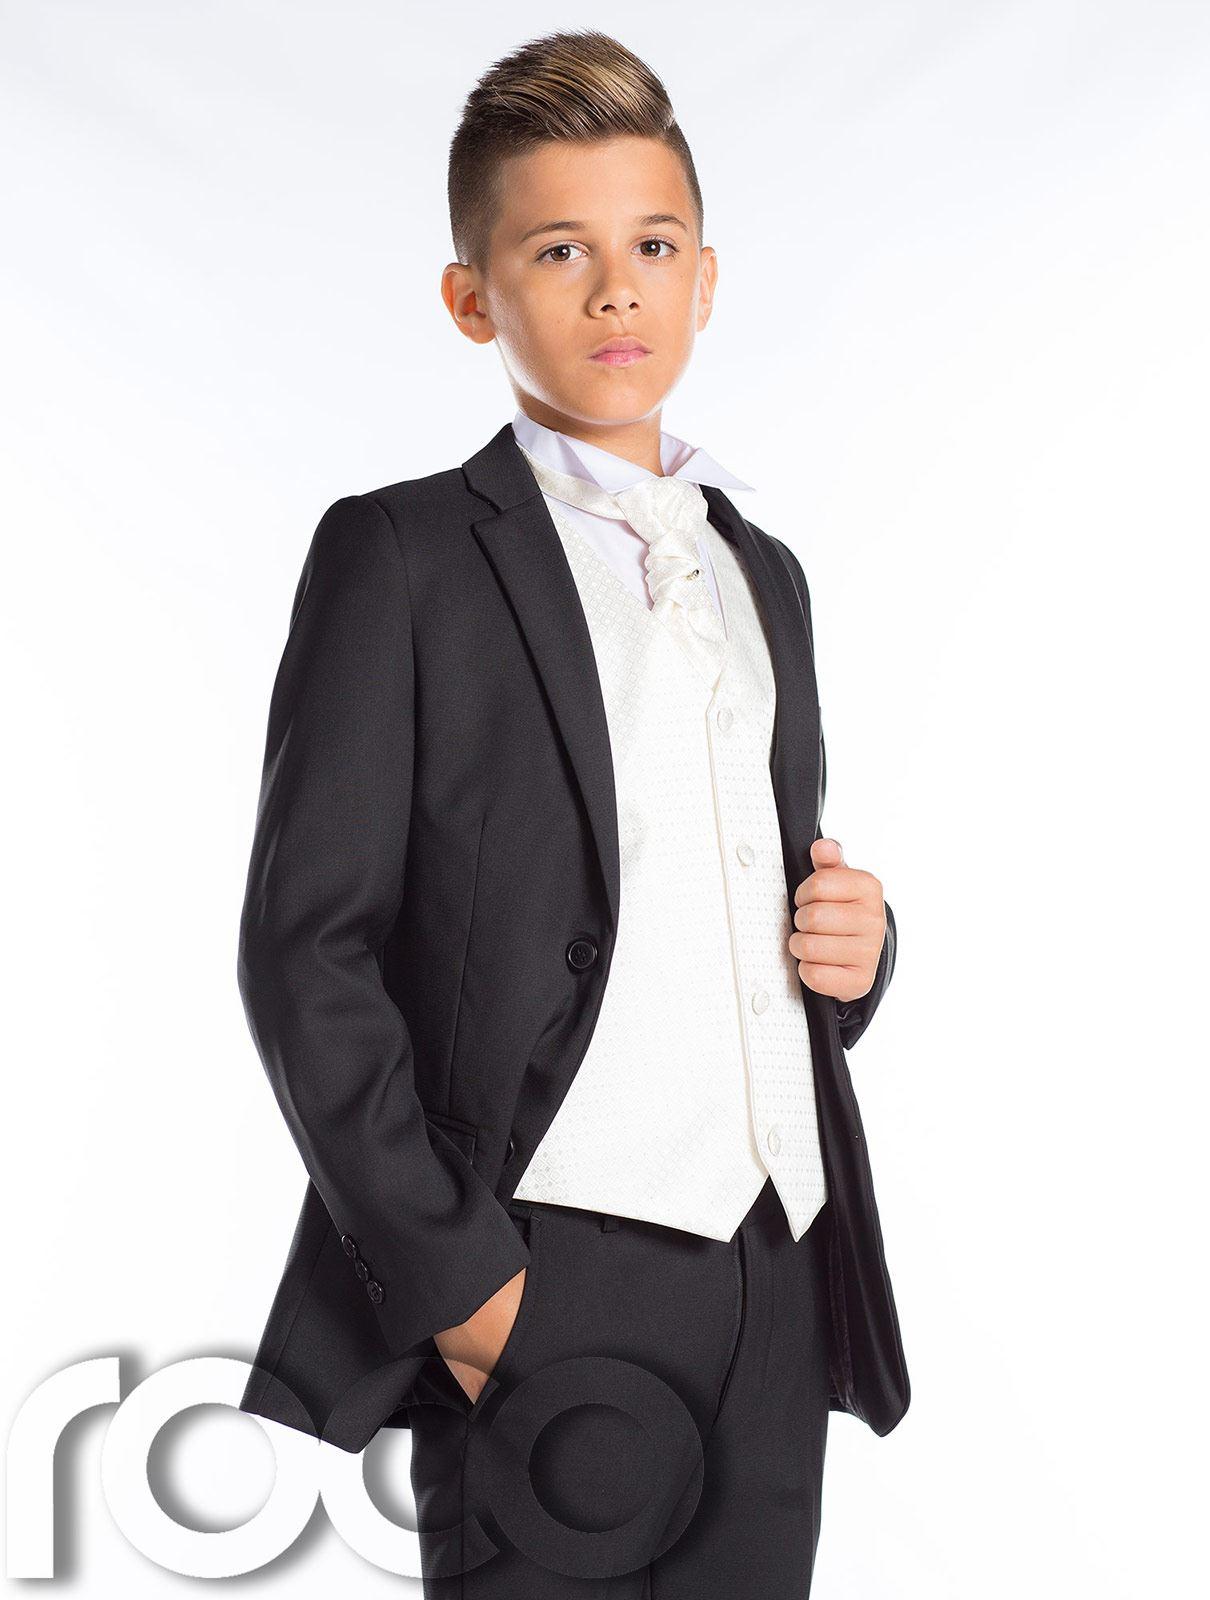 jungen schwarz anzug seite hochzeitsanzug slim fit anzug. Black Bedroom Furniture Sets. Home Design Ideas